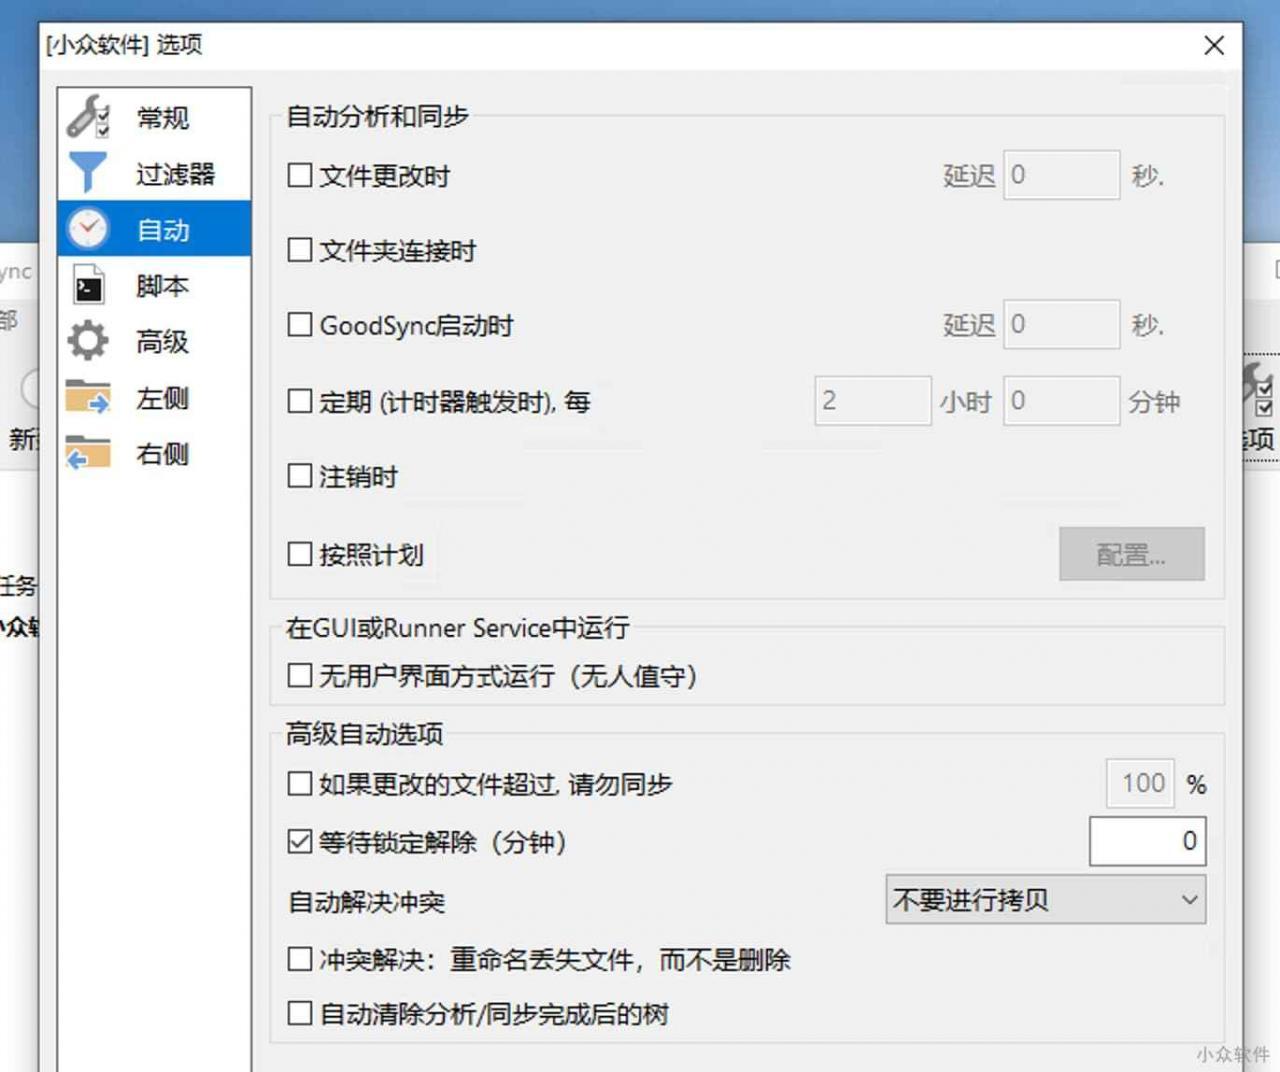 文件同步工具 GoodSync 限免又来了,这货到底有什么用? 3